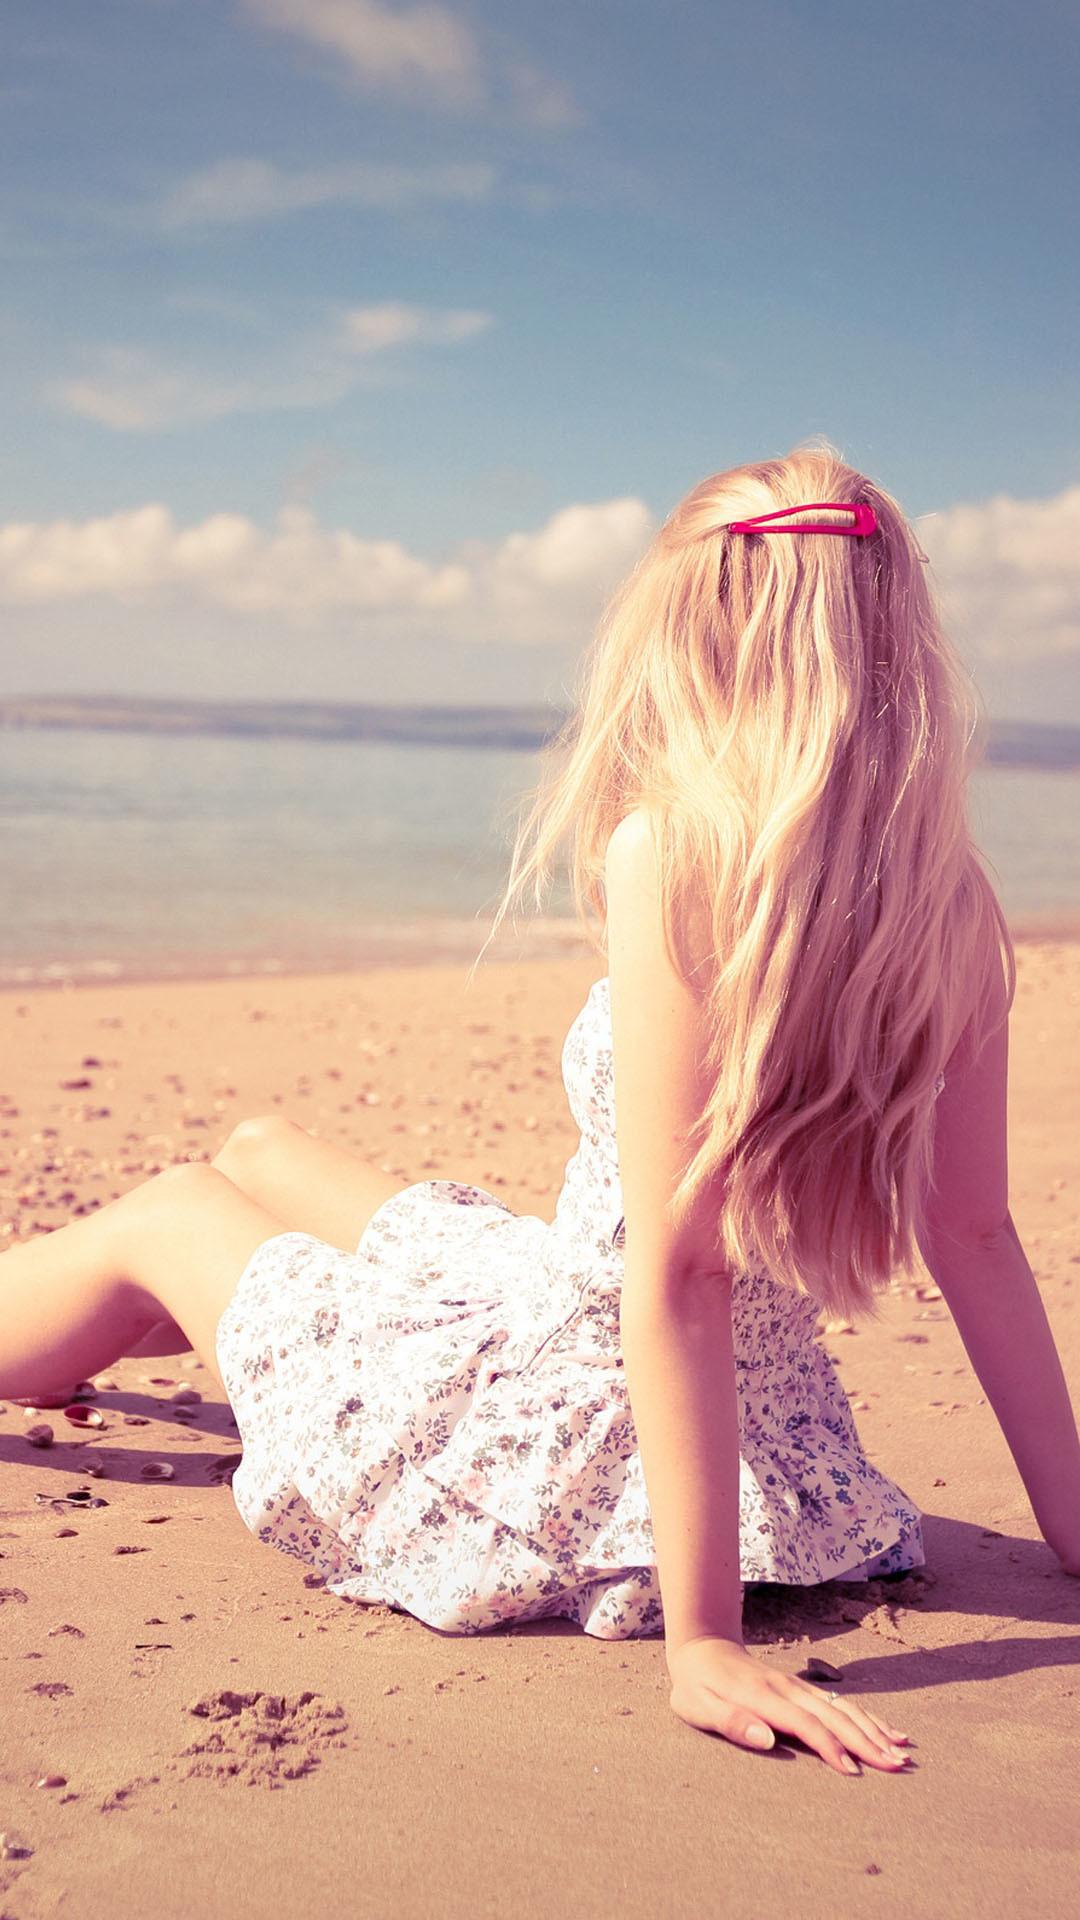 Related iPhone Wallpapers. Skater Girl Skater Girl · Blonde Girl Beach Sea  Sand